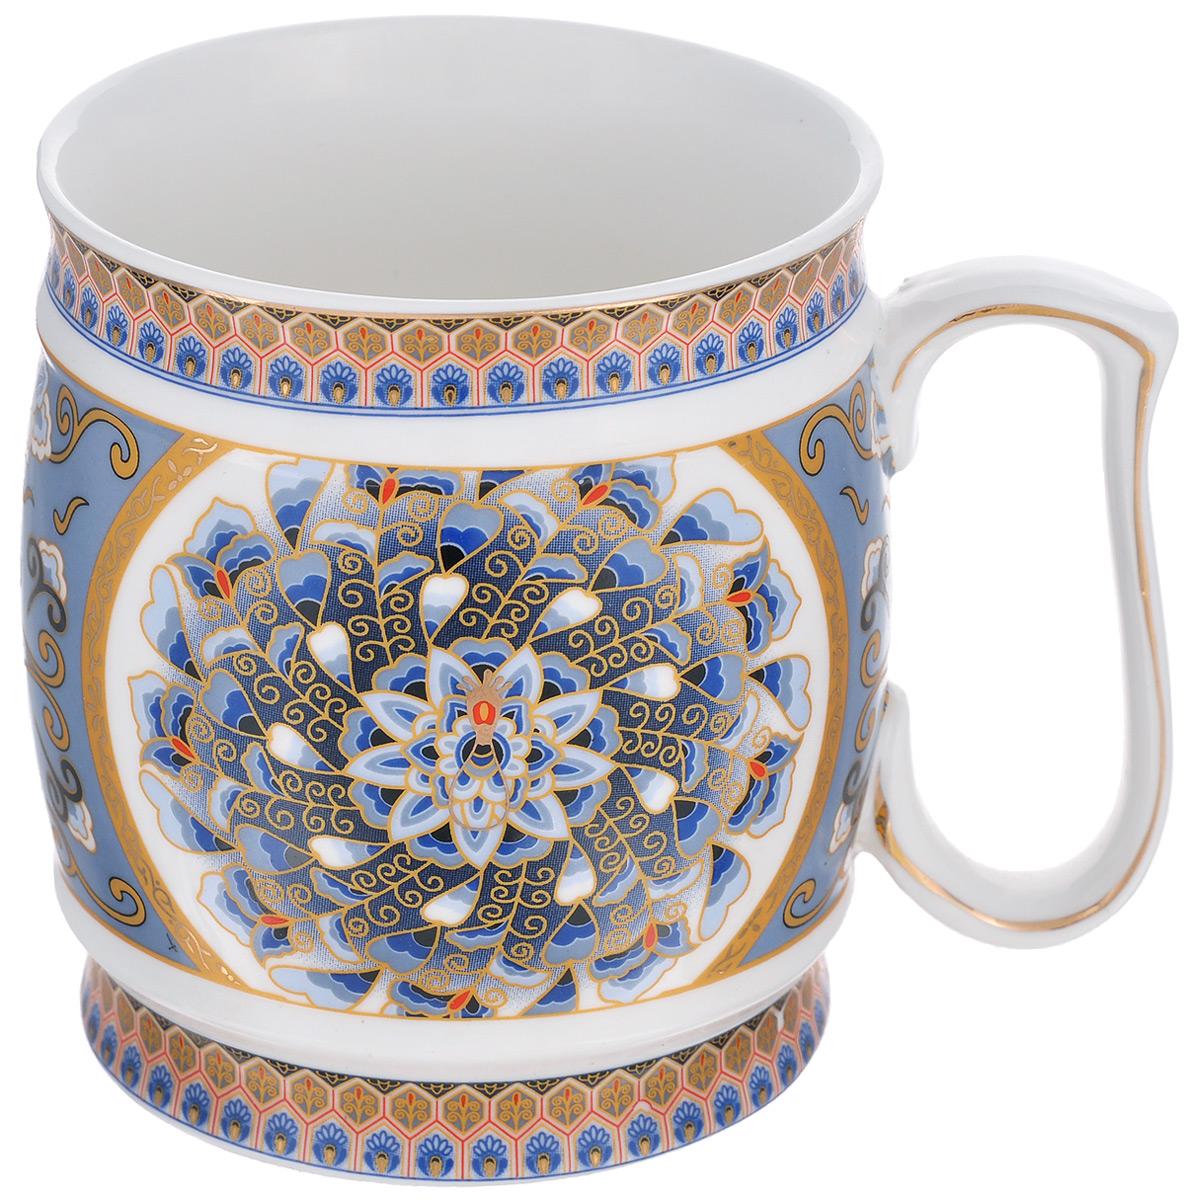 Кружка Elan Gallery Калейдоскоп, 550 мл115510Большая кружка Elan Gallery Калейдоскоп, выполненная из керамики, станет оригинальным подарком любимым мужчинам! Идеальна для тех, кто предпочитает большие кружки и для любителей чая, кофе и пенных напитков. Внешние стенки декорированы изысканным орнаментом и золотистой эмалью. Не рекомендуется применять абразивные моющие средства.Не использовать в микроволновой печи.